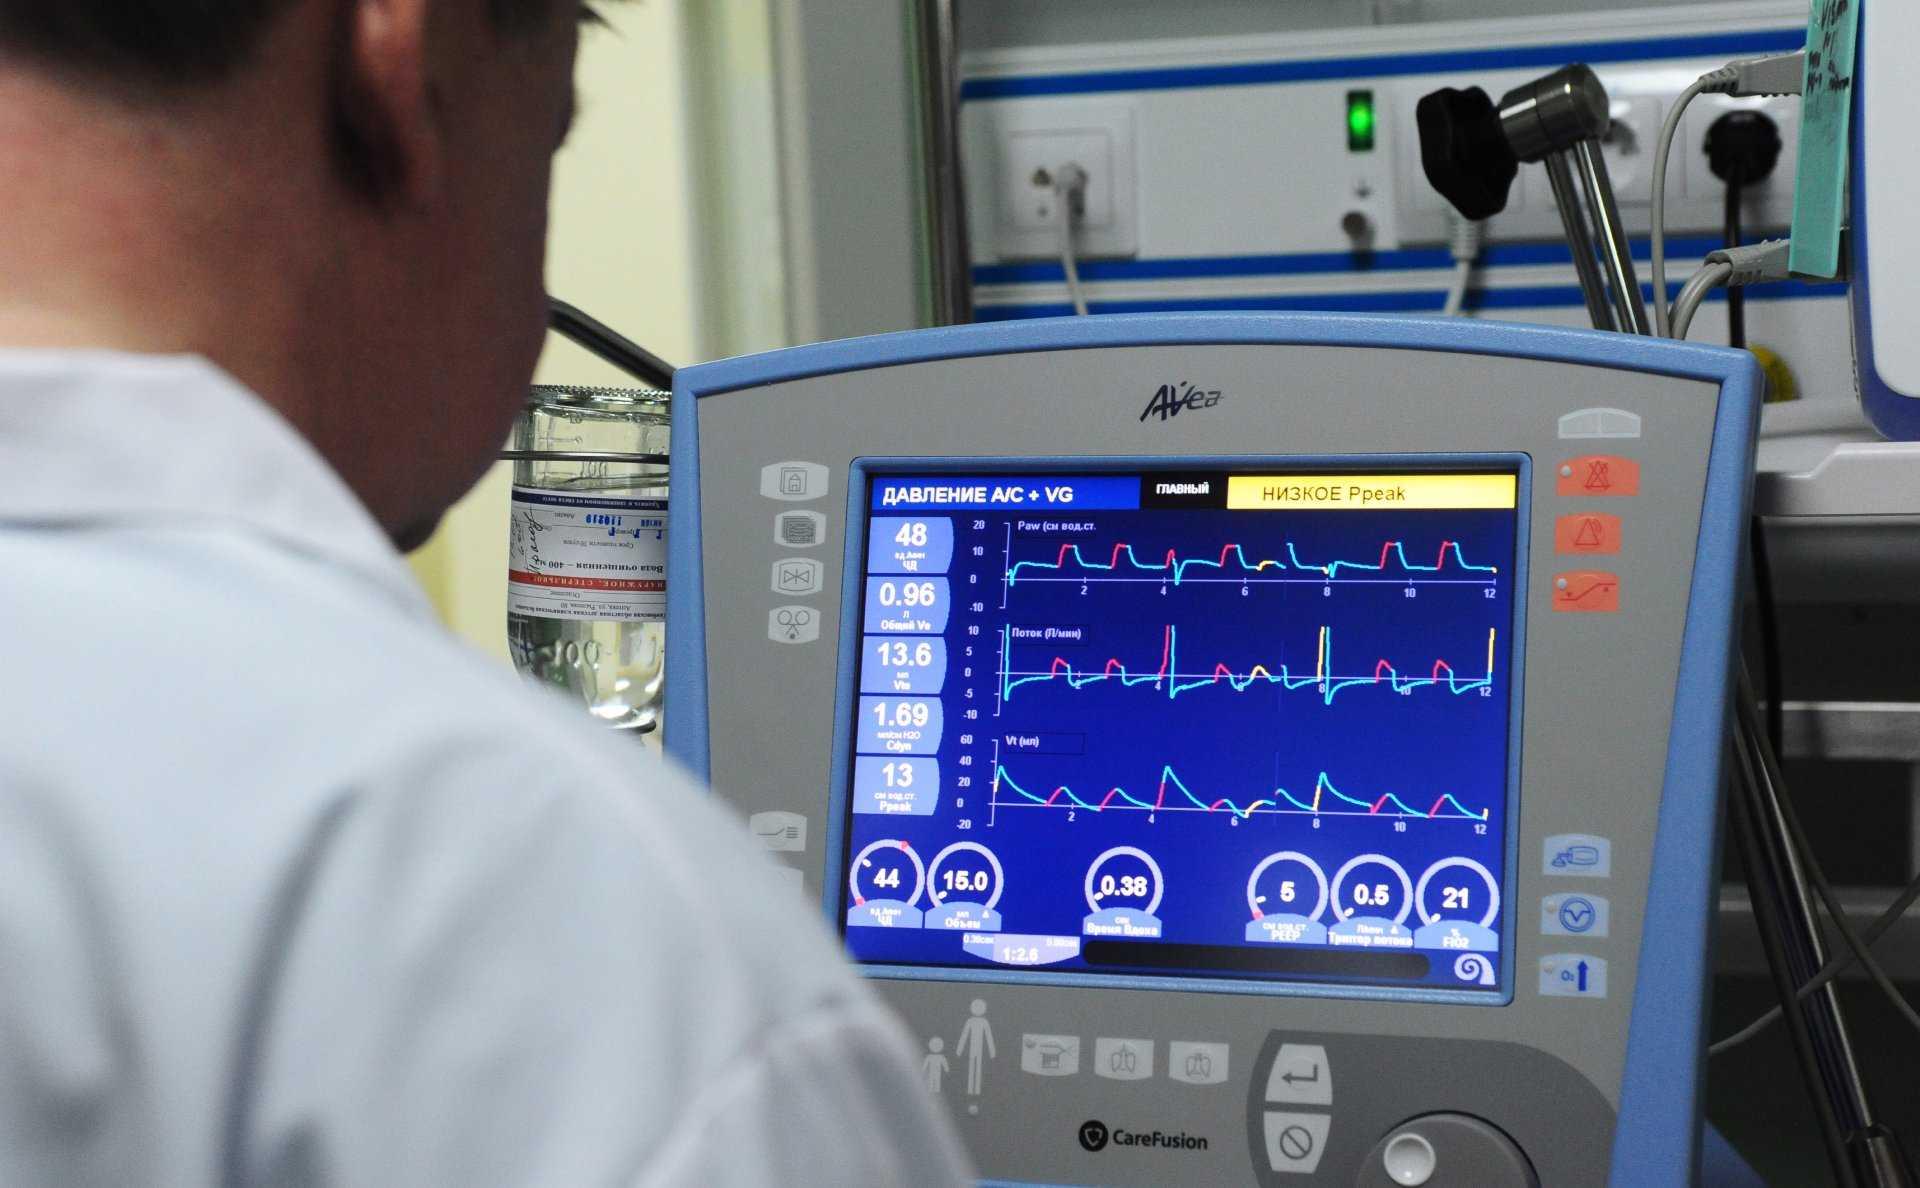 ИВЛ могут увеличить риск смерти от COVID-19